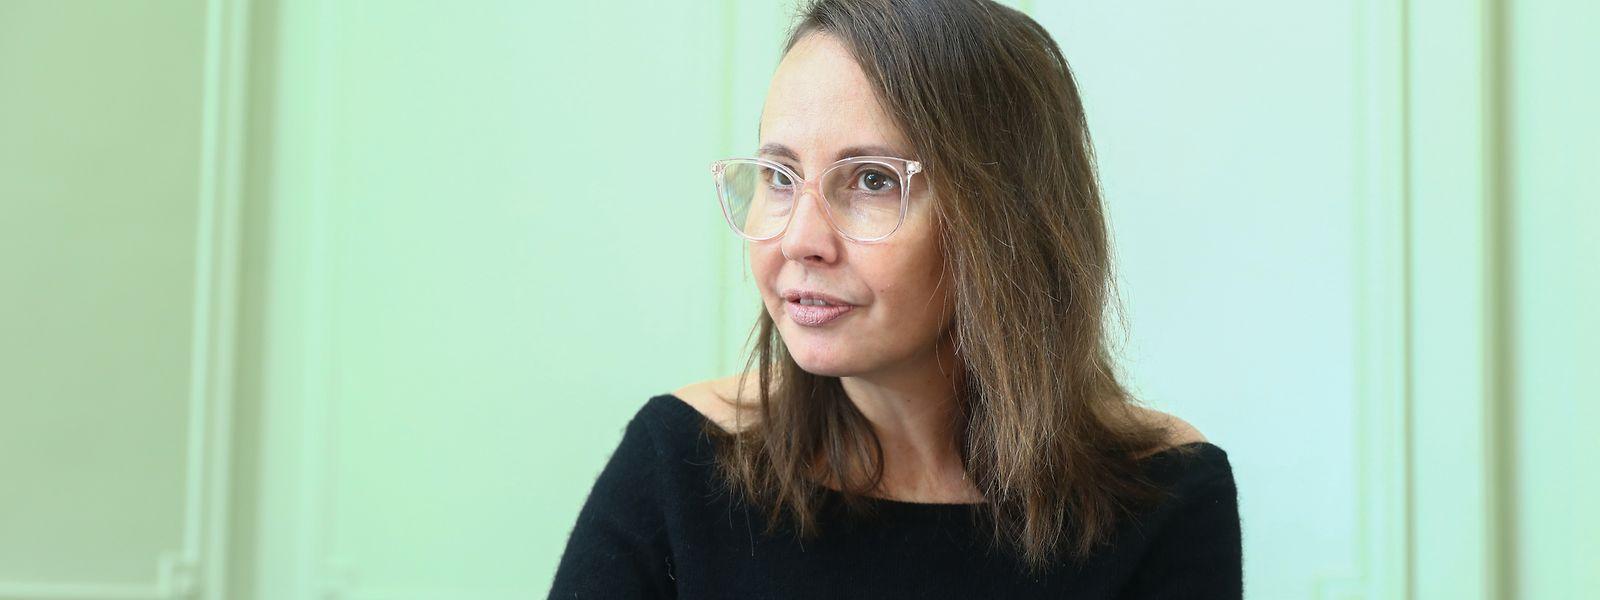 Caroline Sauvajol-Rialland rappelle l'importance de séparer les sphères privées et professionnelles.